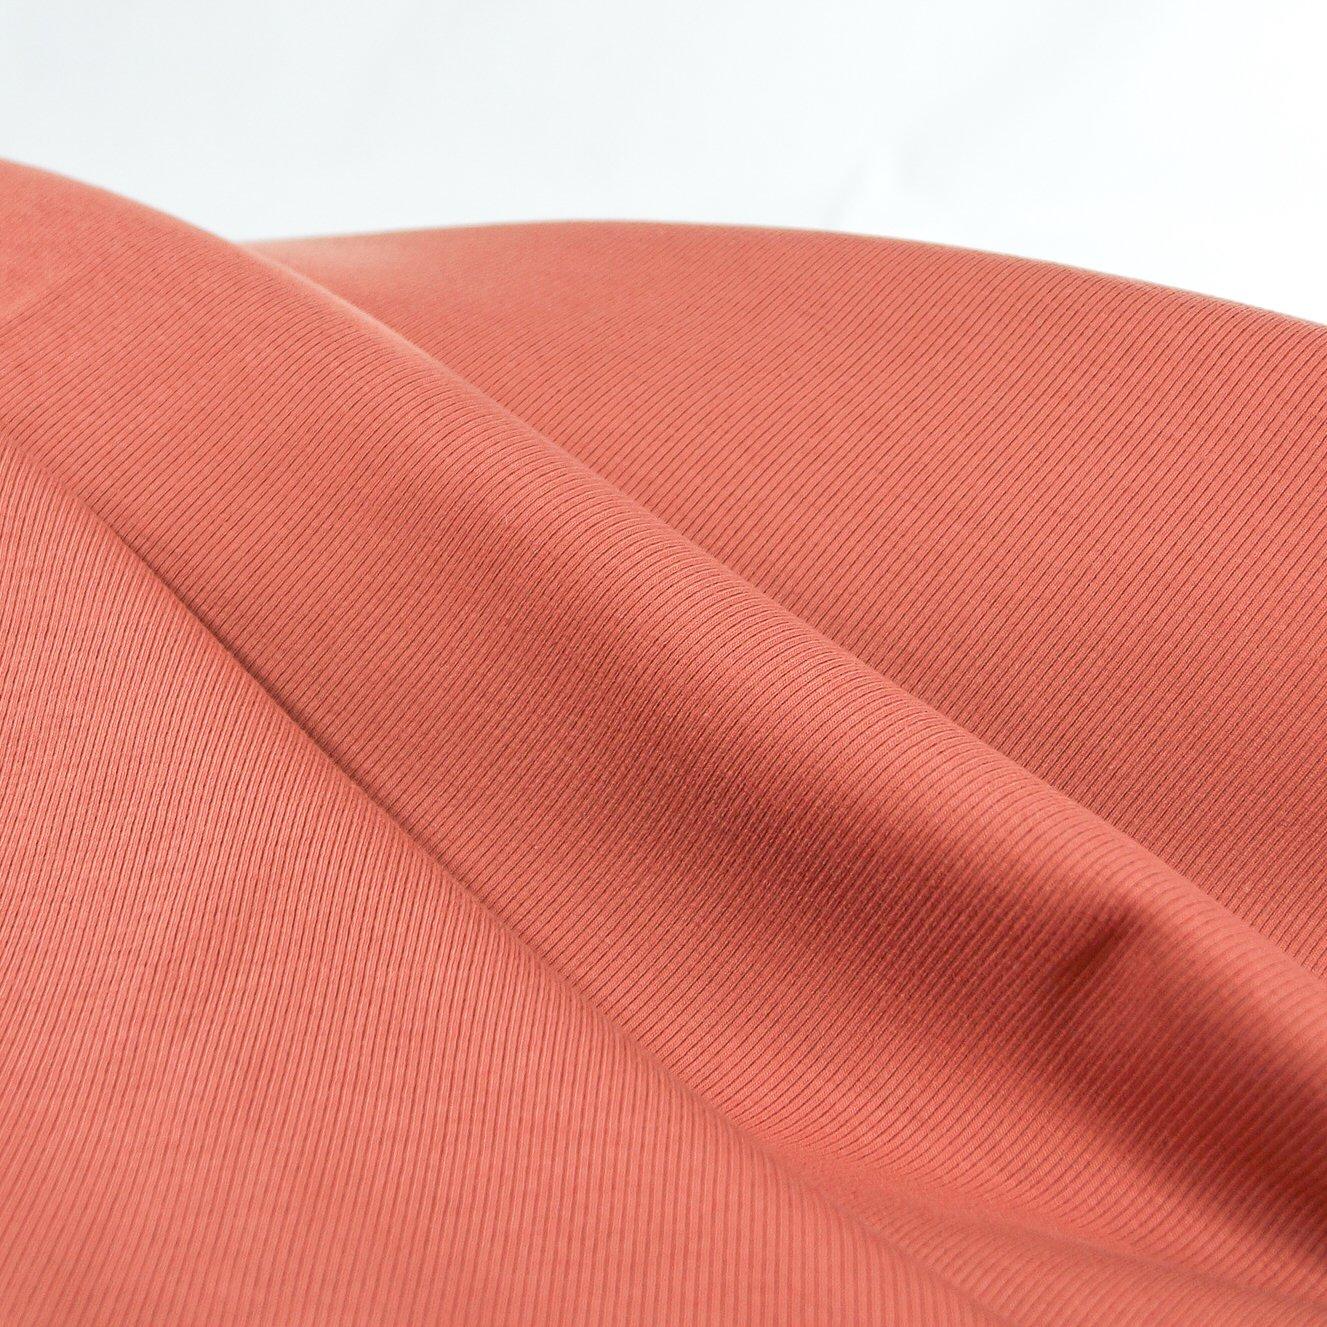 Rib Knit - 2 x 1 -  Organic Terra Cotta